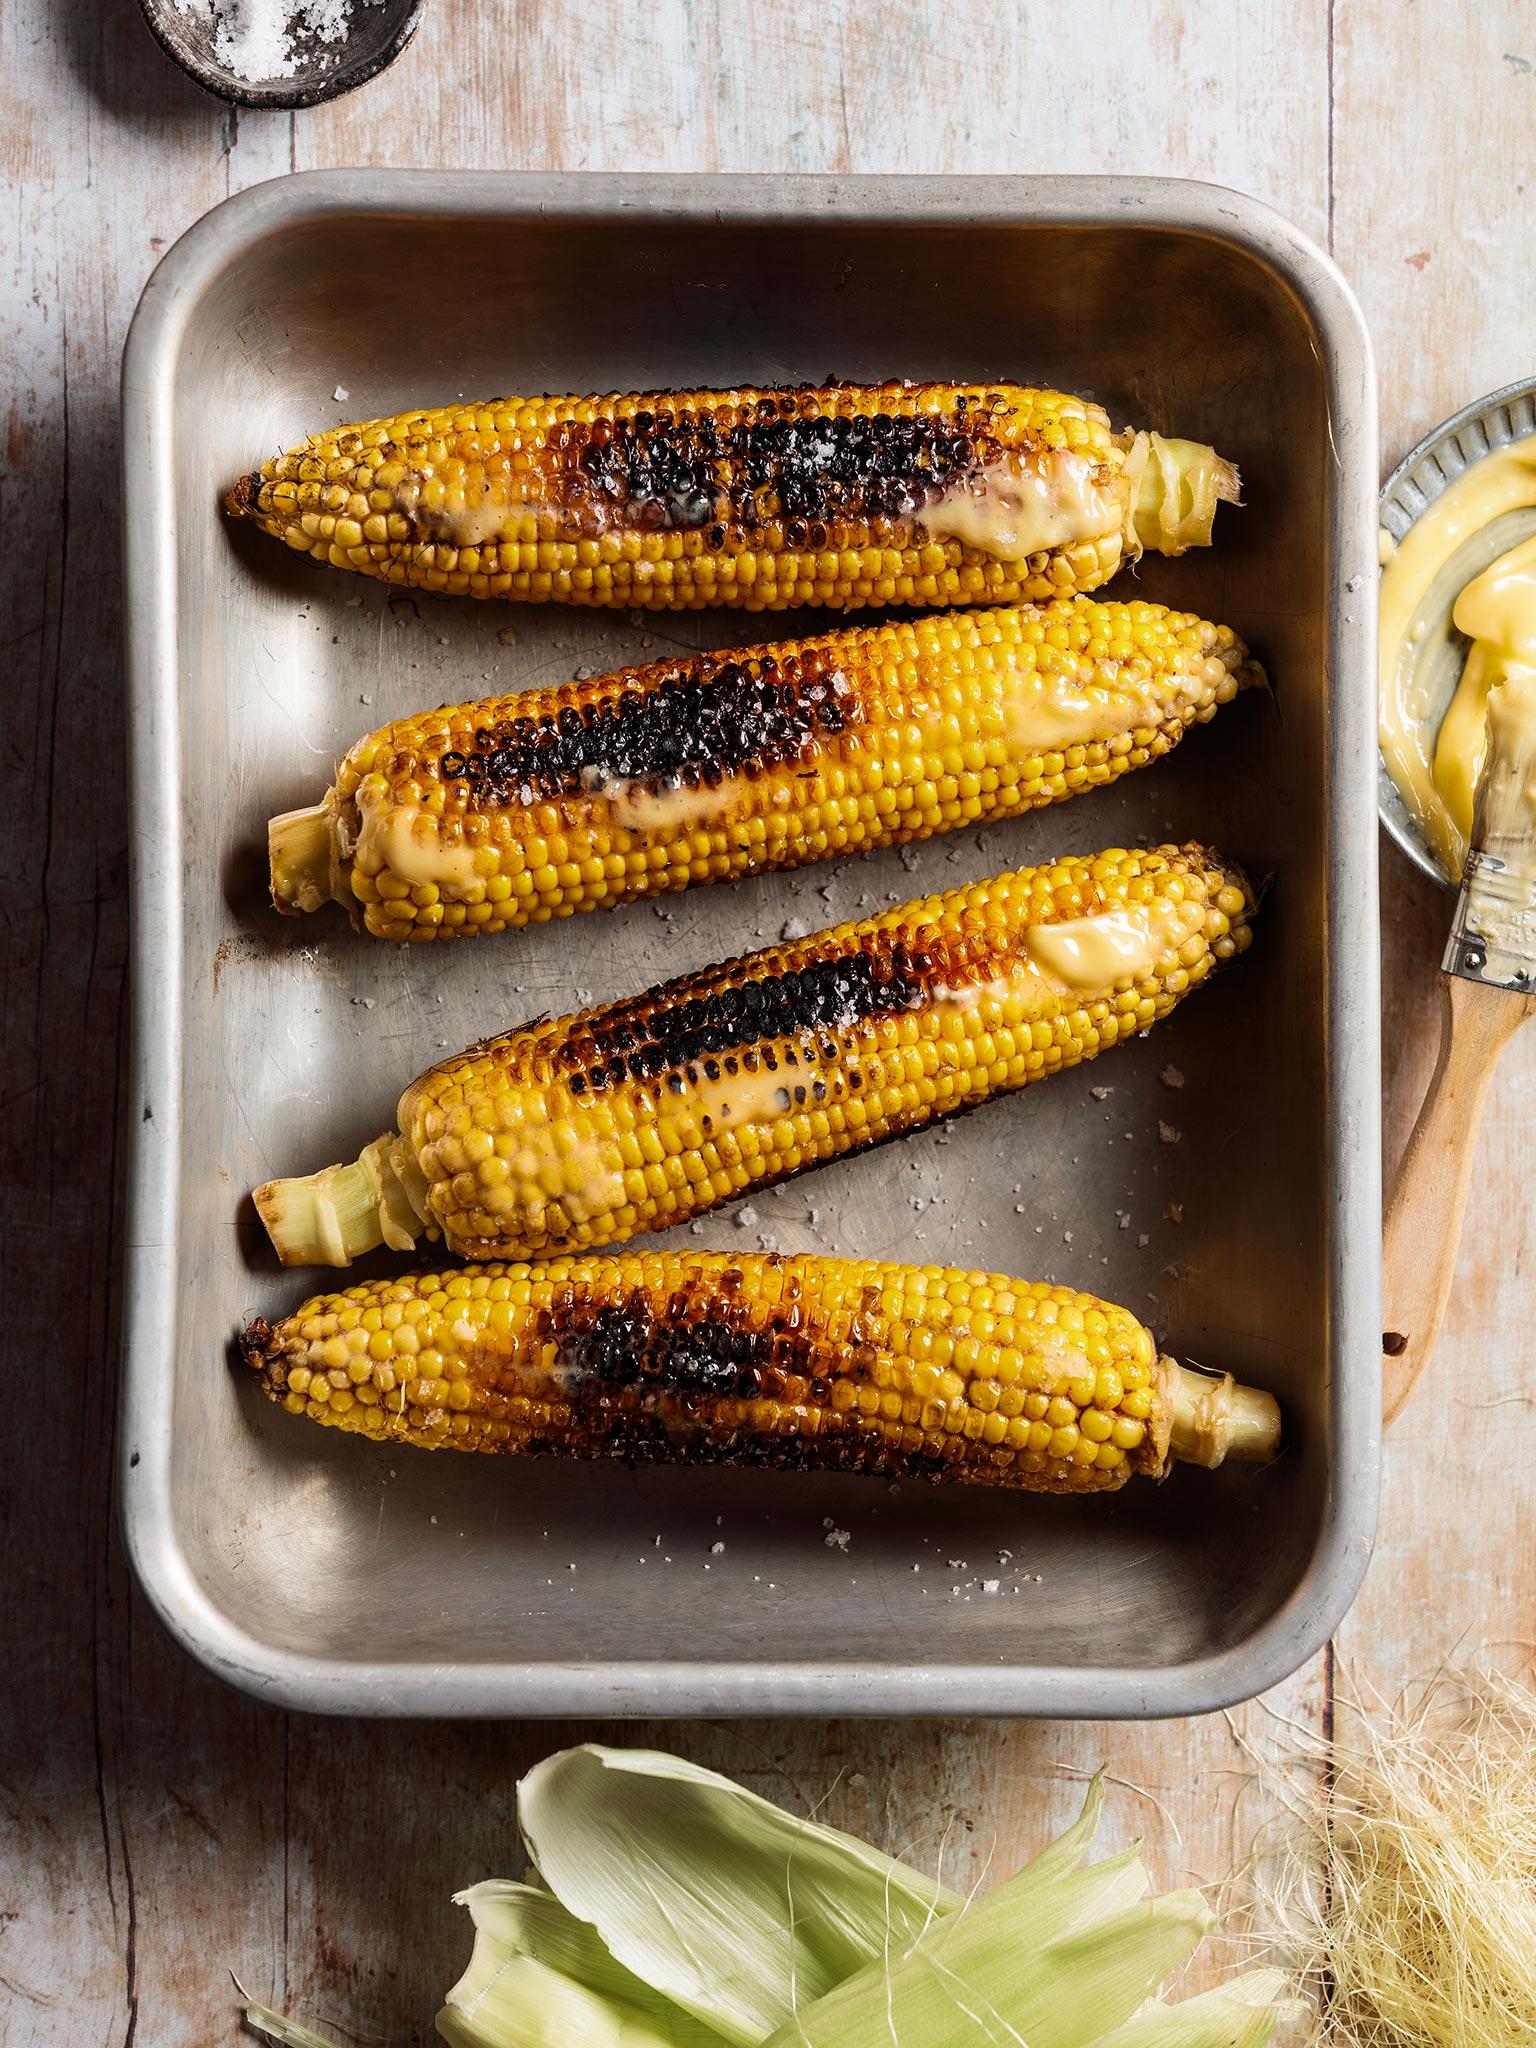 3-152-Ozpig-Grilled-Corn-web.jpg